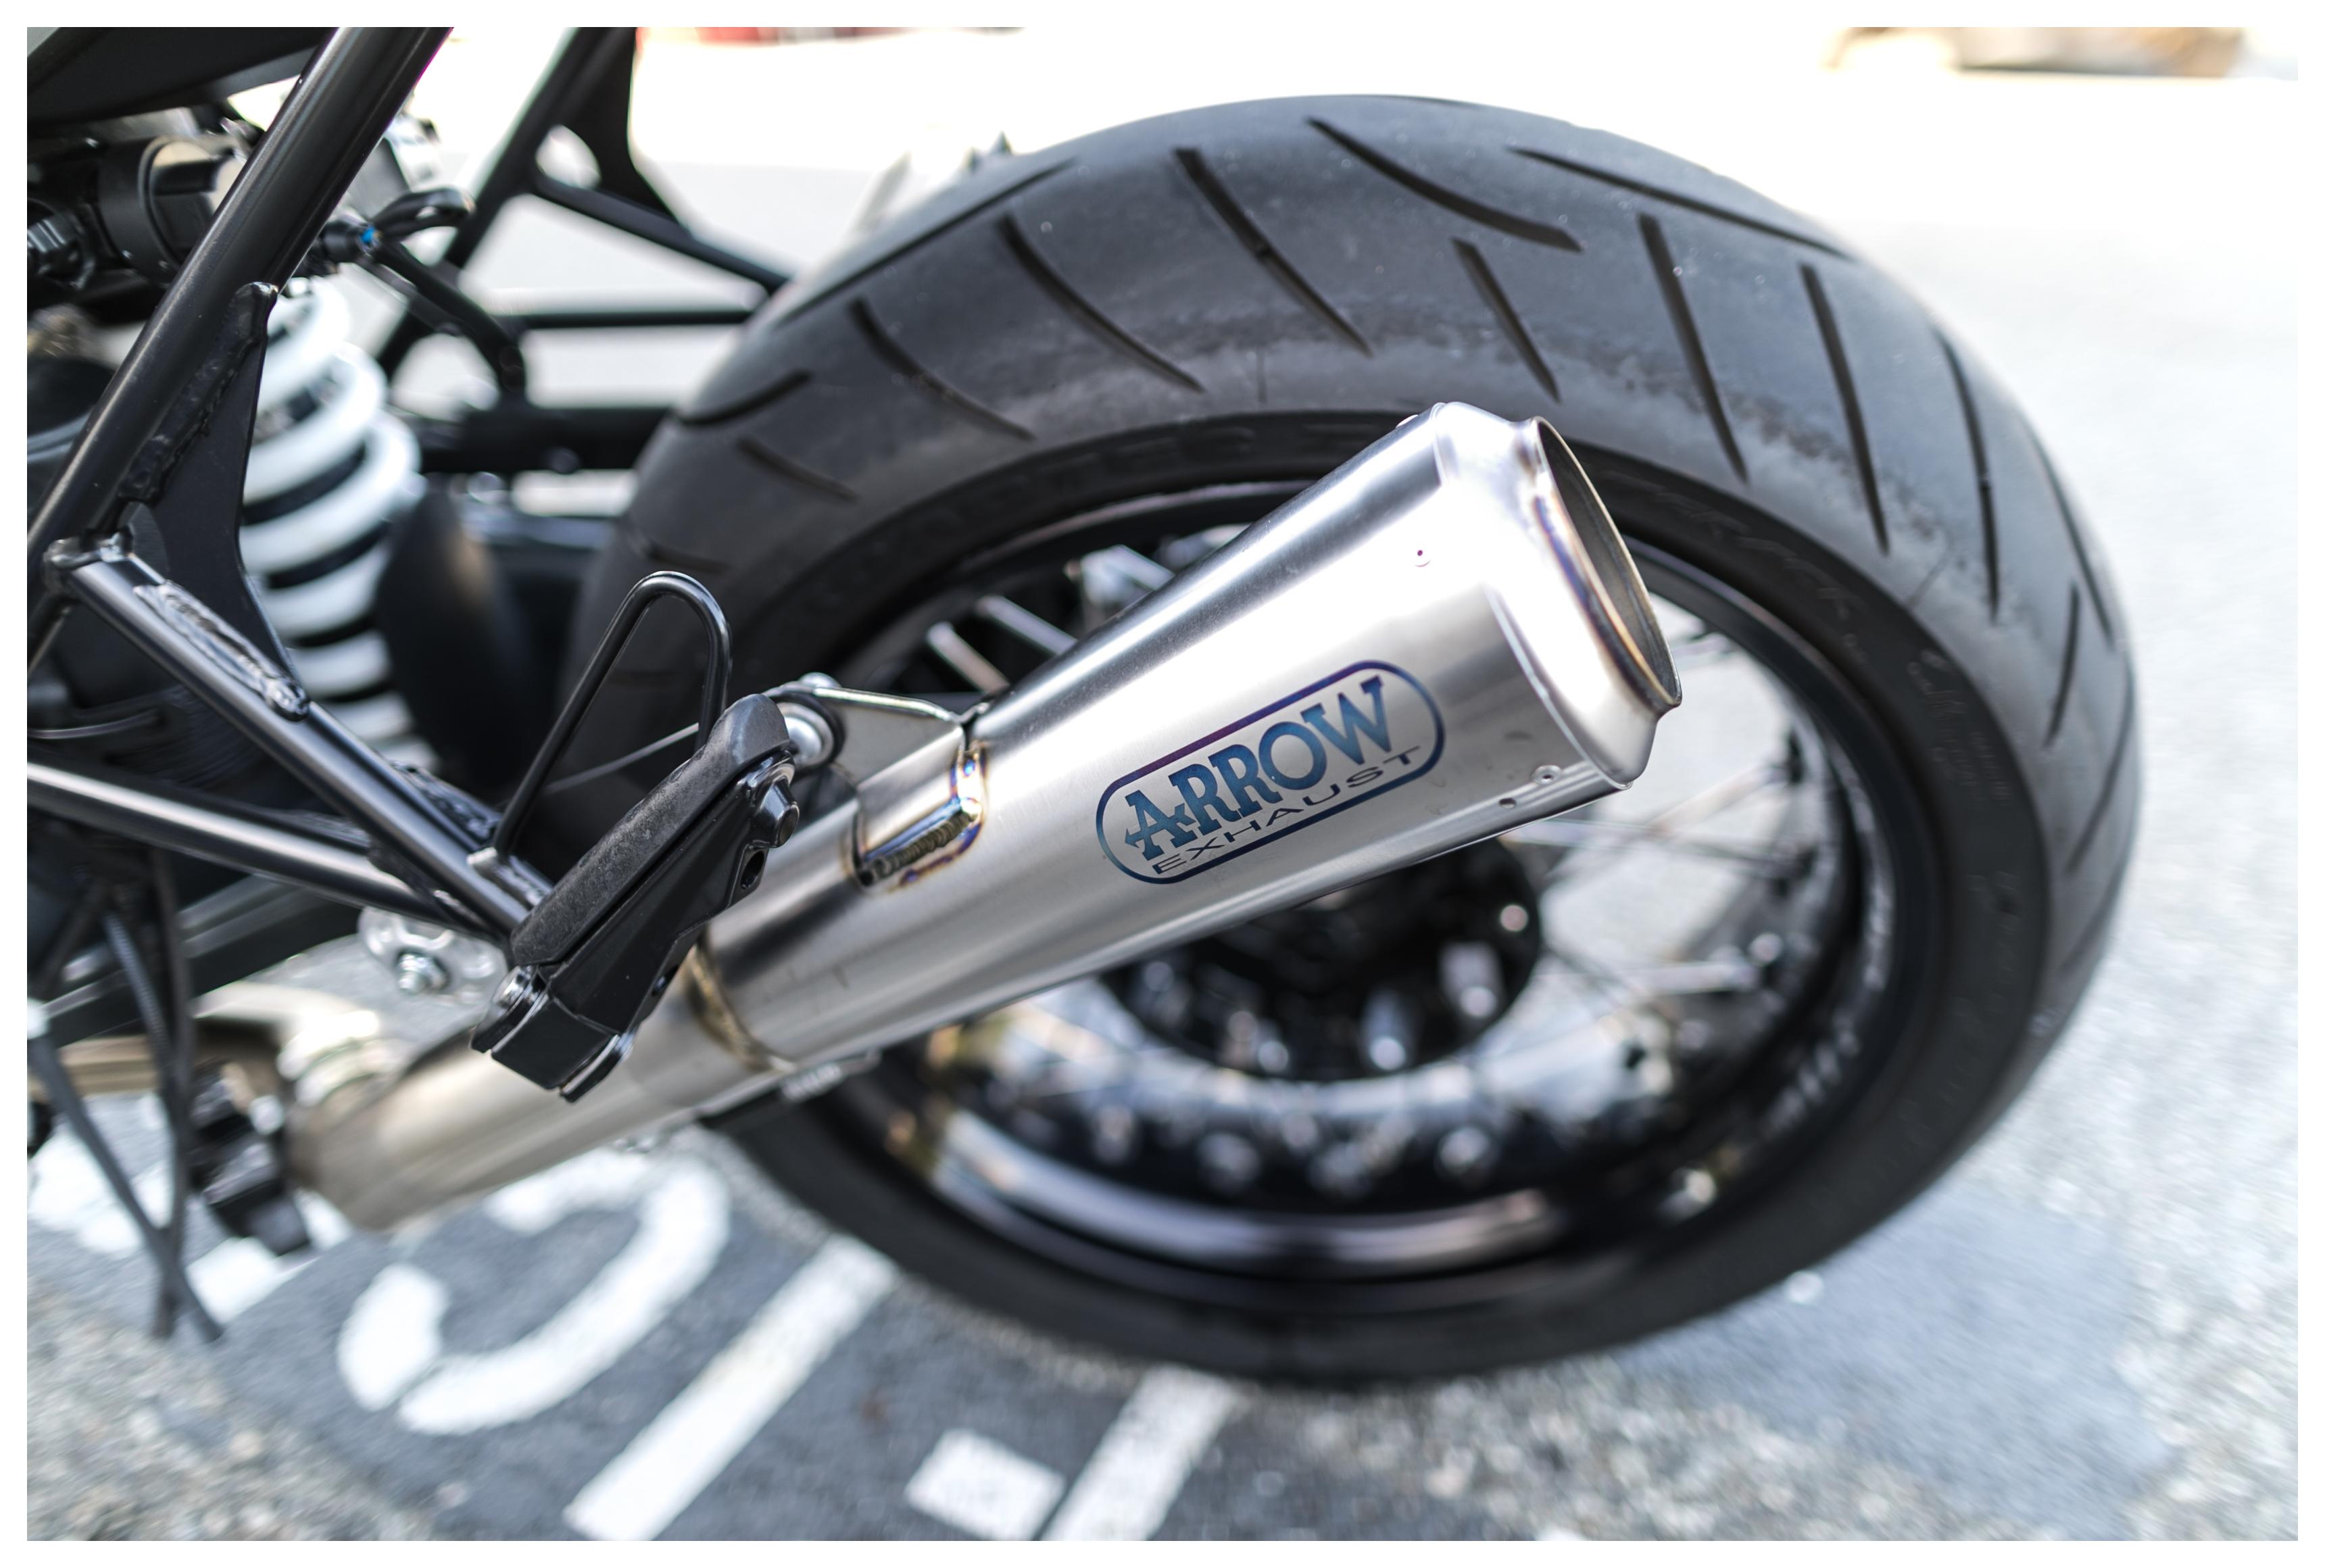 Arrow Pro Race Slip On Exhaust Bmw R Ninet R9t 2014 2019